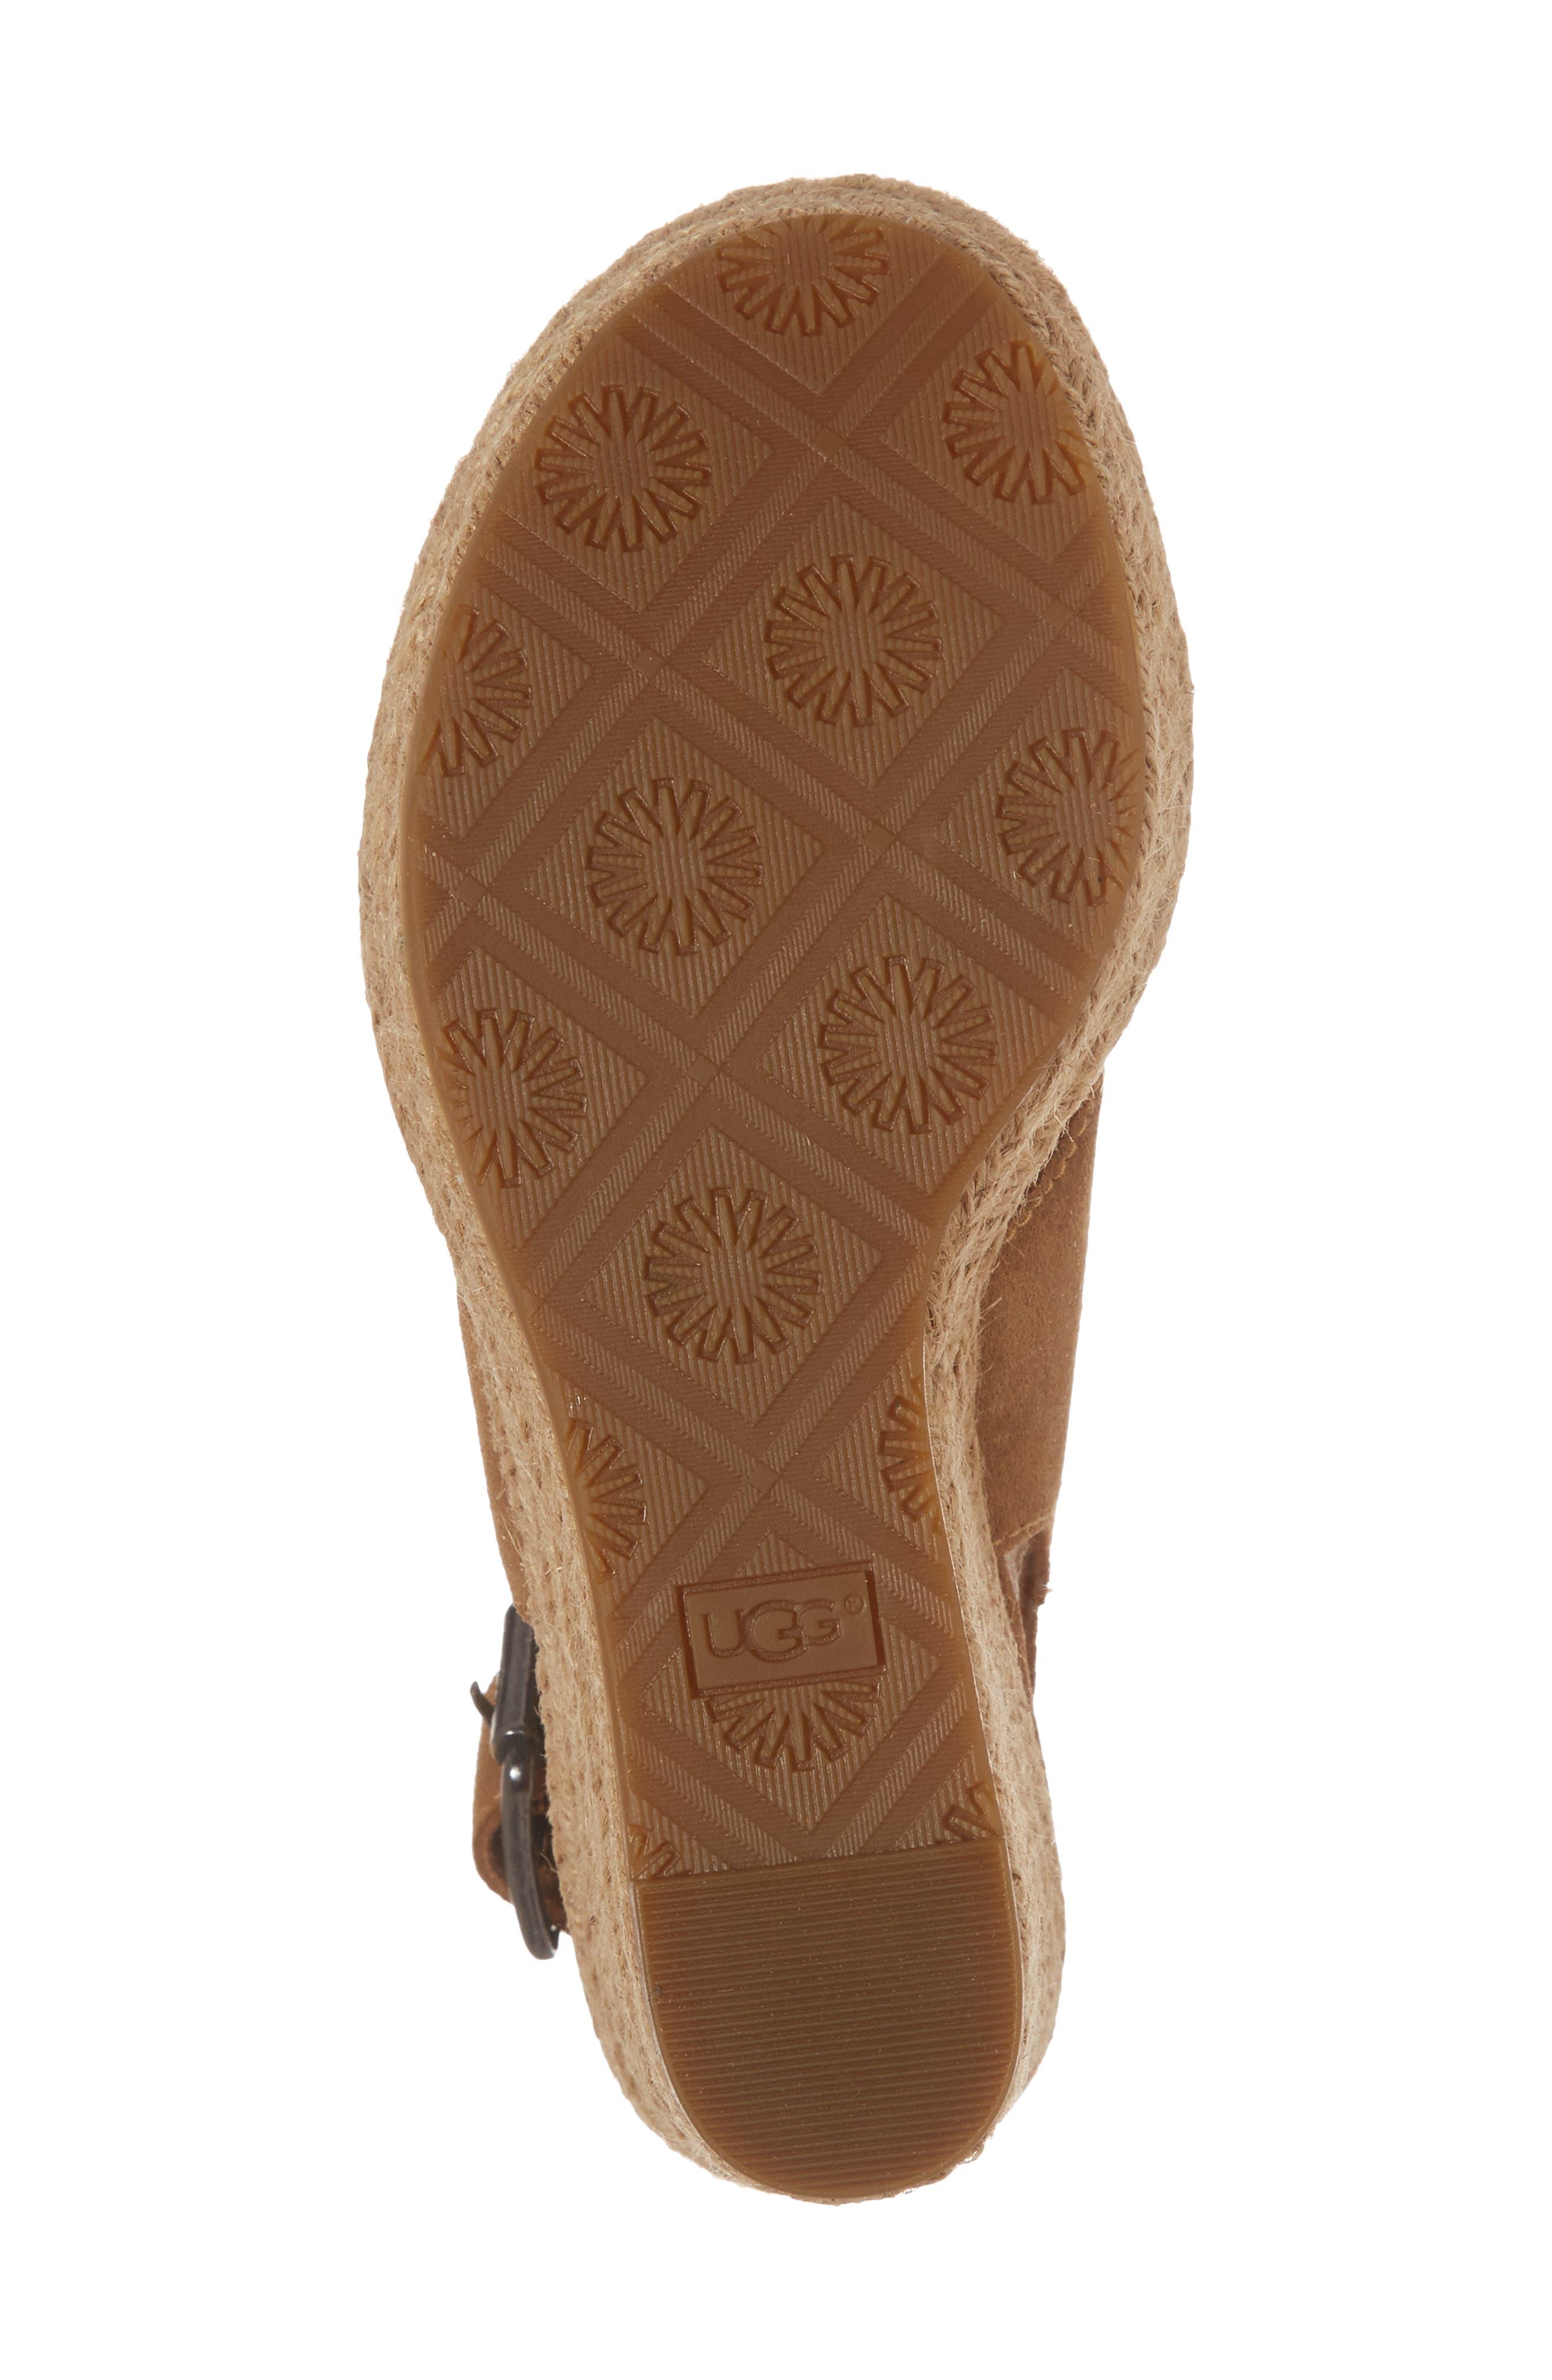 Harlow Platform Wedge Sandal,                             Alternate thumbnail 6, color,                             CHESTNUT SUEDE